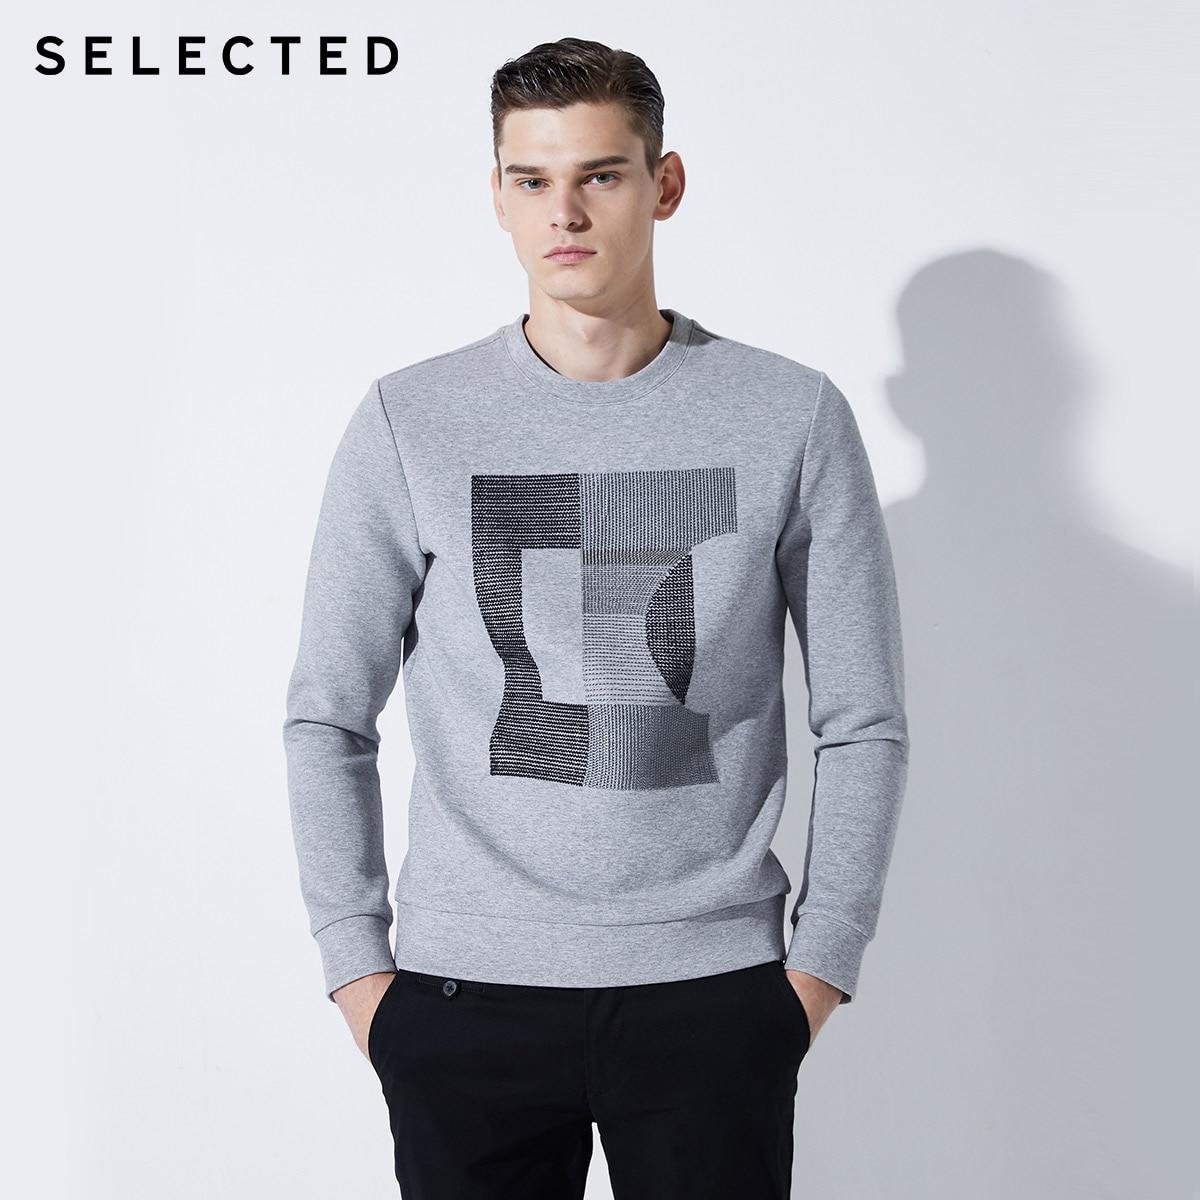 SELECTED Men Elastic Geometric 3D Knitted Weave Hoodies Sweatshirt S|41944D521